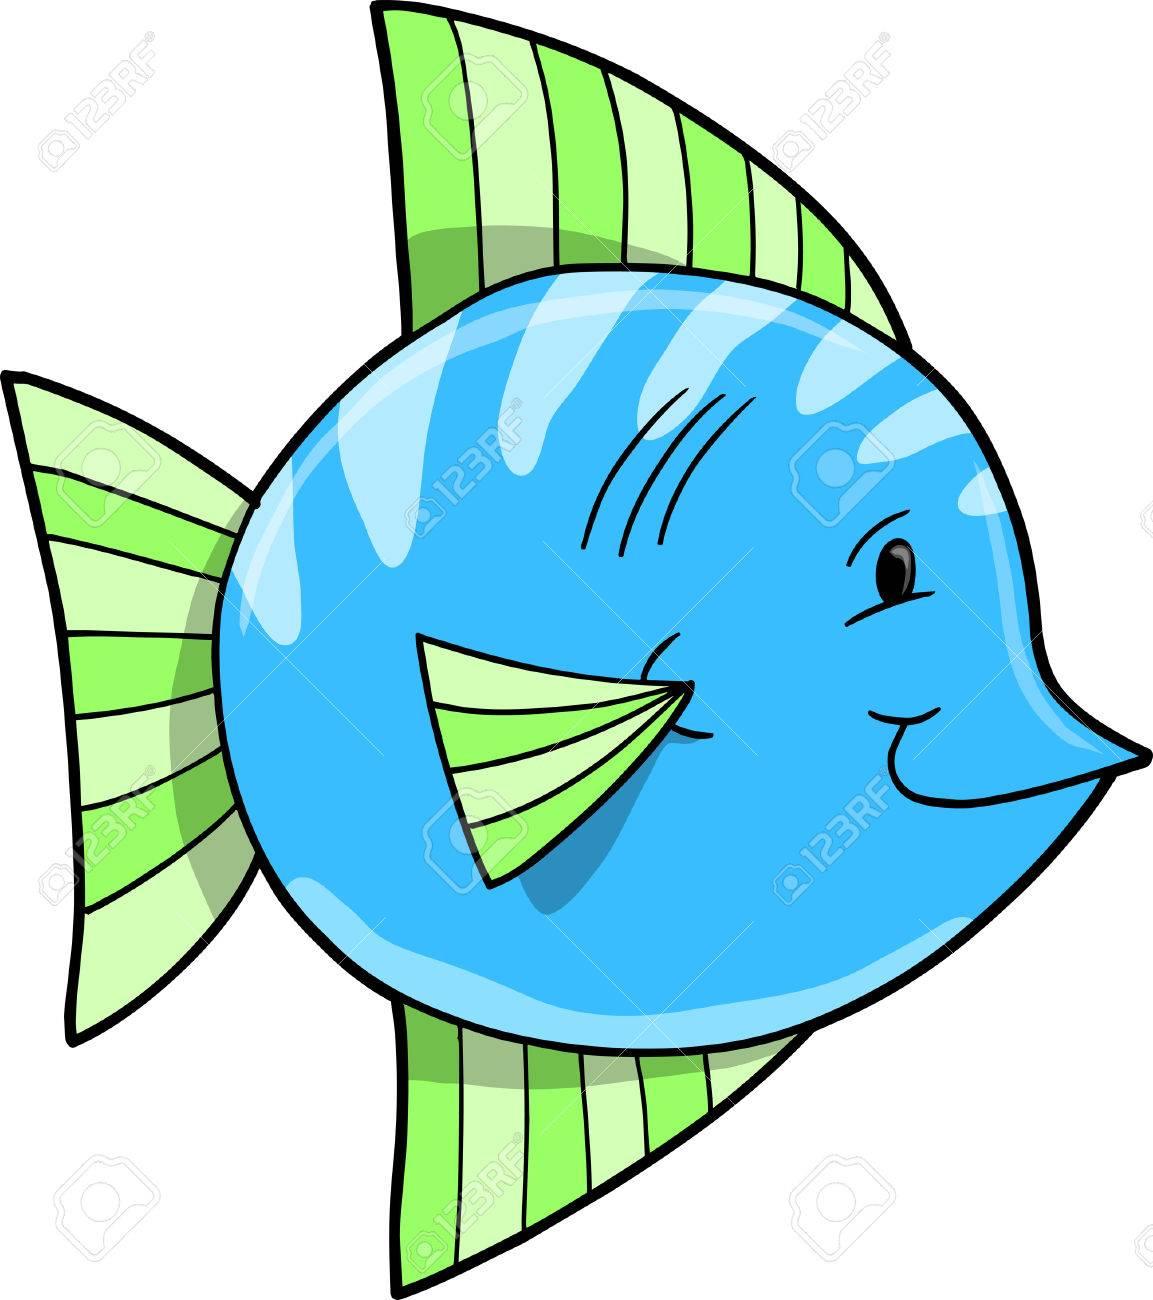 かわいい青い魚ベクトル イラスト ロイヤリティフリークリップアート